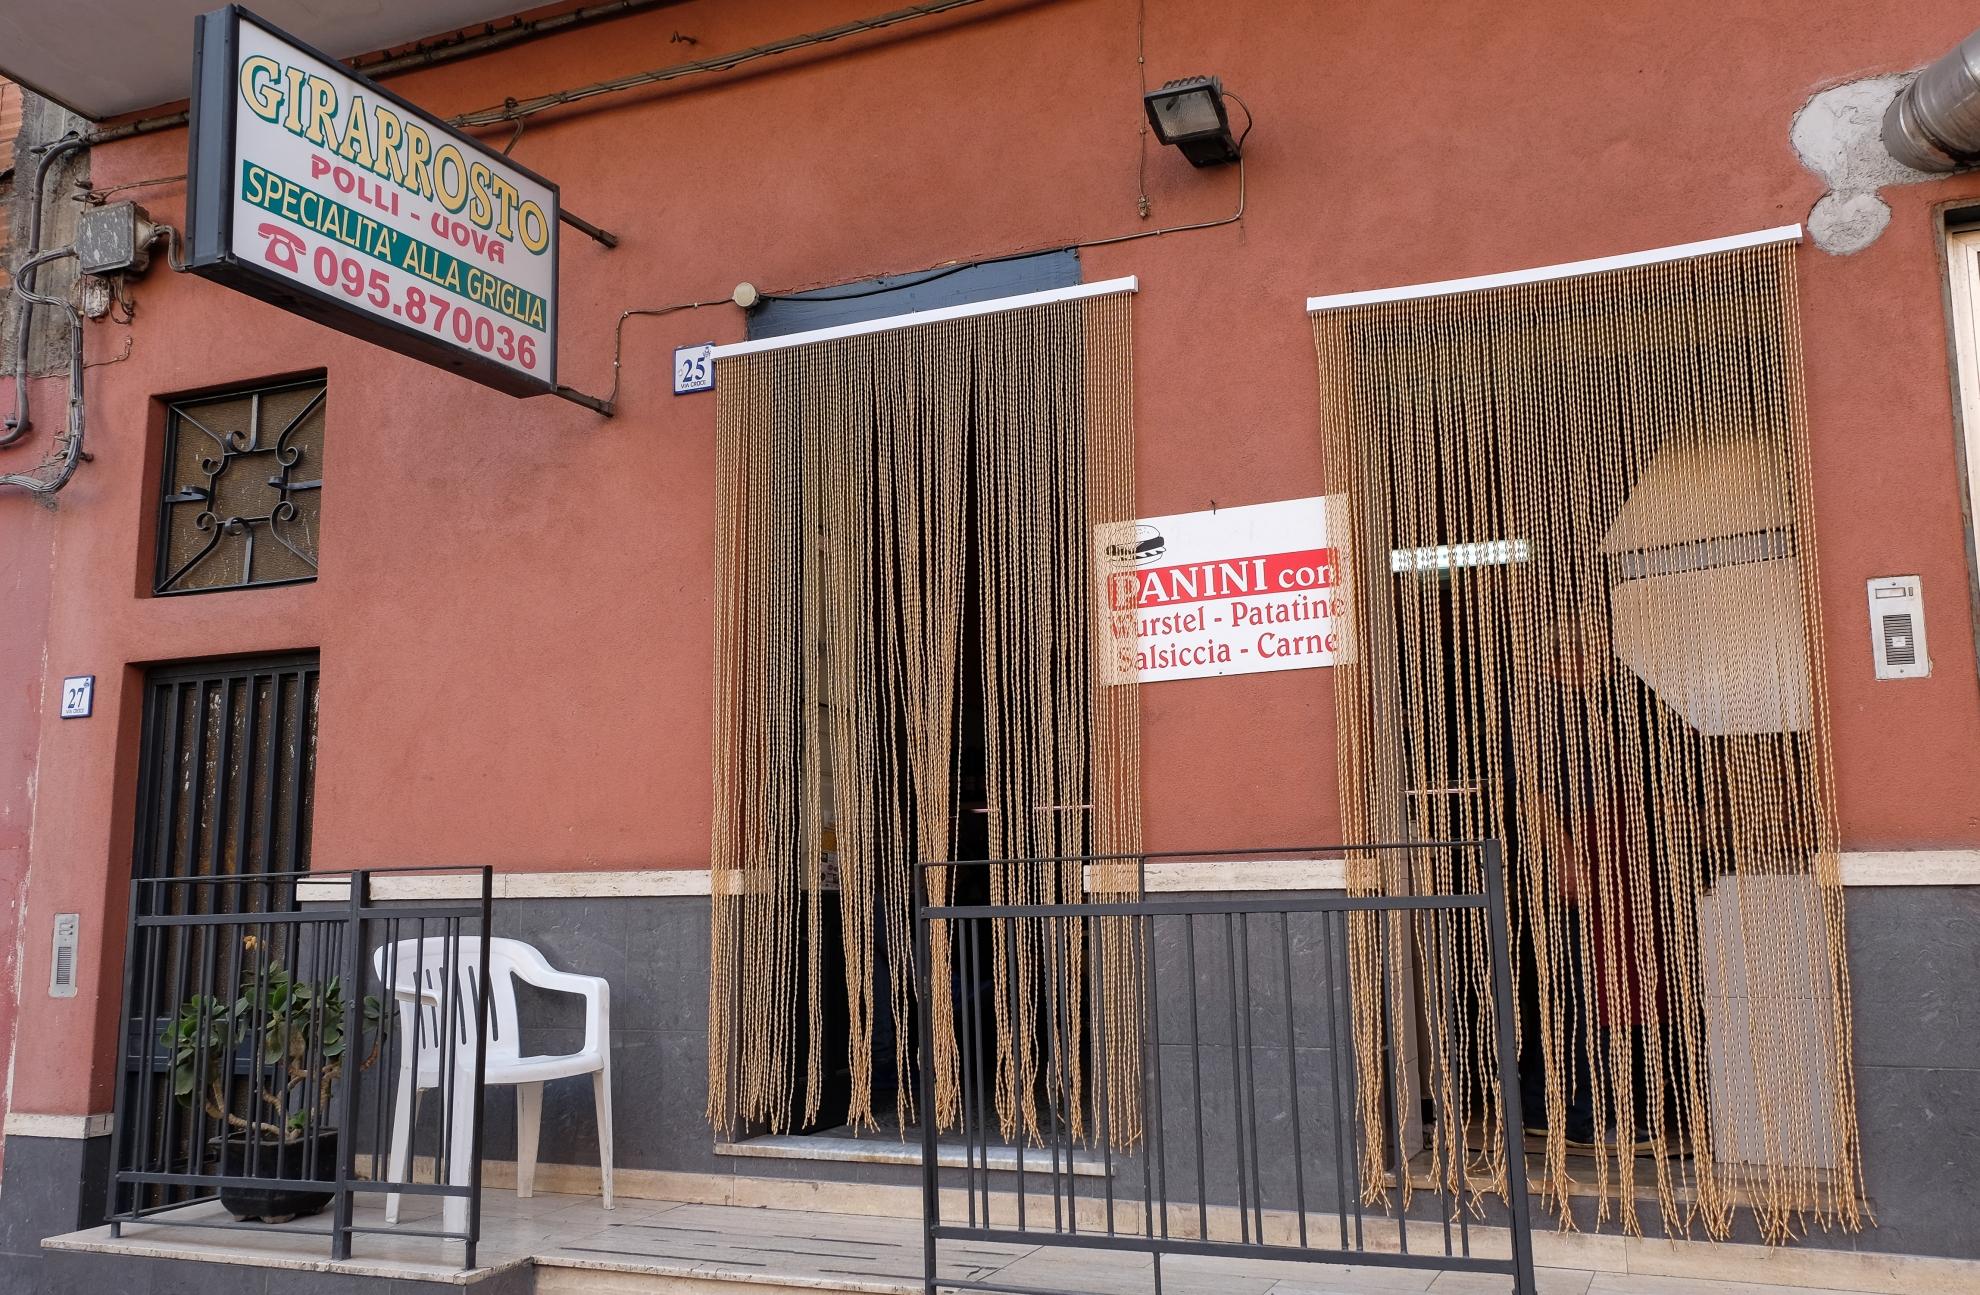 Girarrosto di Sciuto Filippo - Girarrosto, Aci Catena